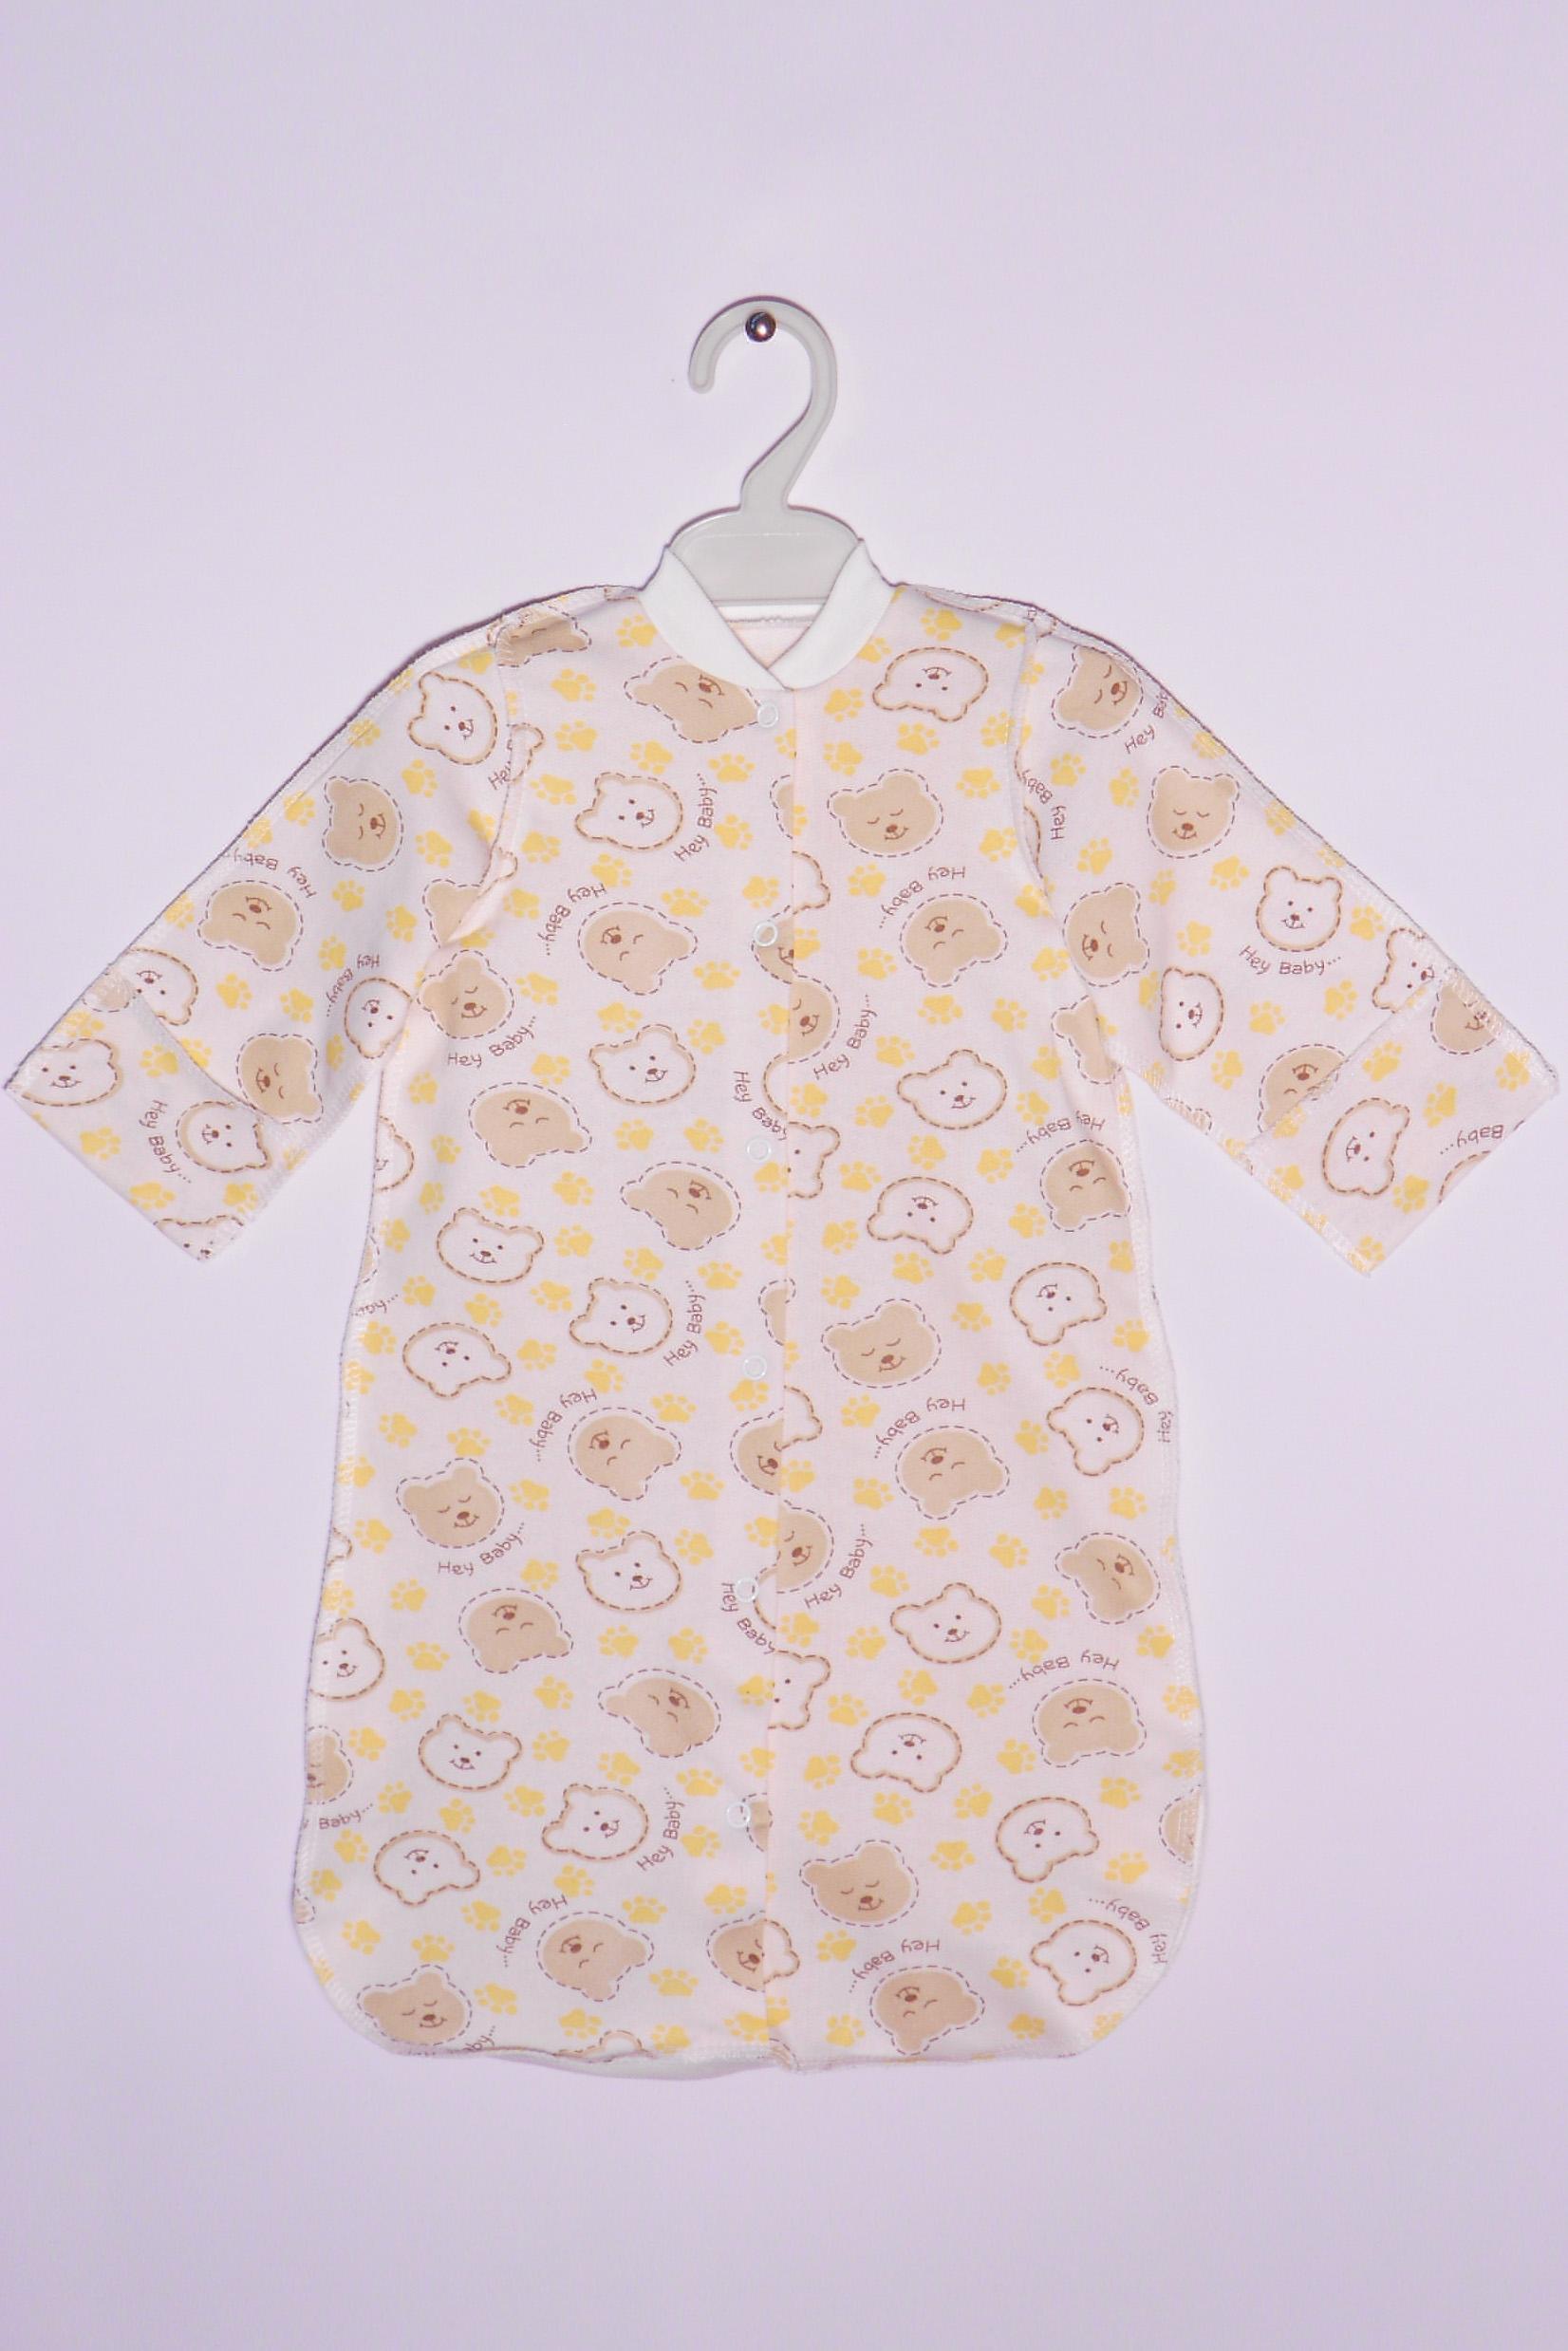 КомбинезонКомбинезончики<br>Хлопковый комбинезон для новорожденного  Цвет: белый, бежевый, желтый  Размер соответствует росту ребенка<br><br>По сезону: Всесезон<br>Размер : 68<br>Материал: Хлопок<br>Количество в наличии: 3